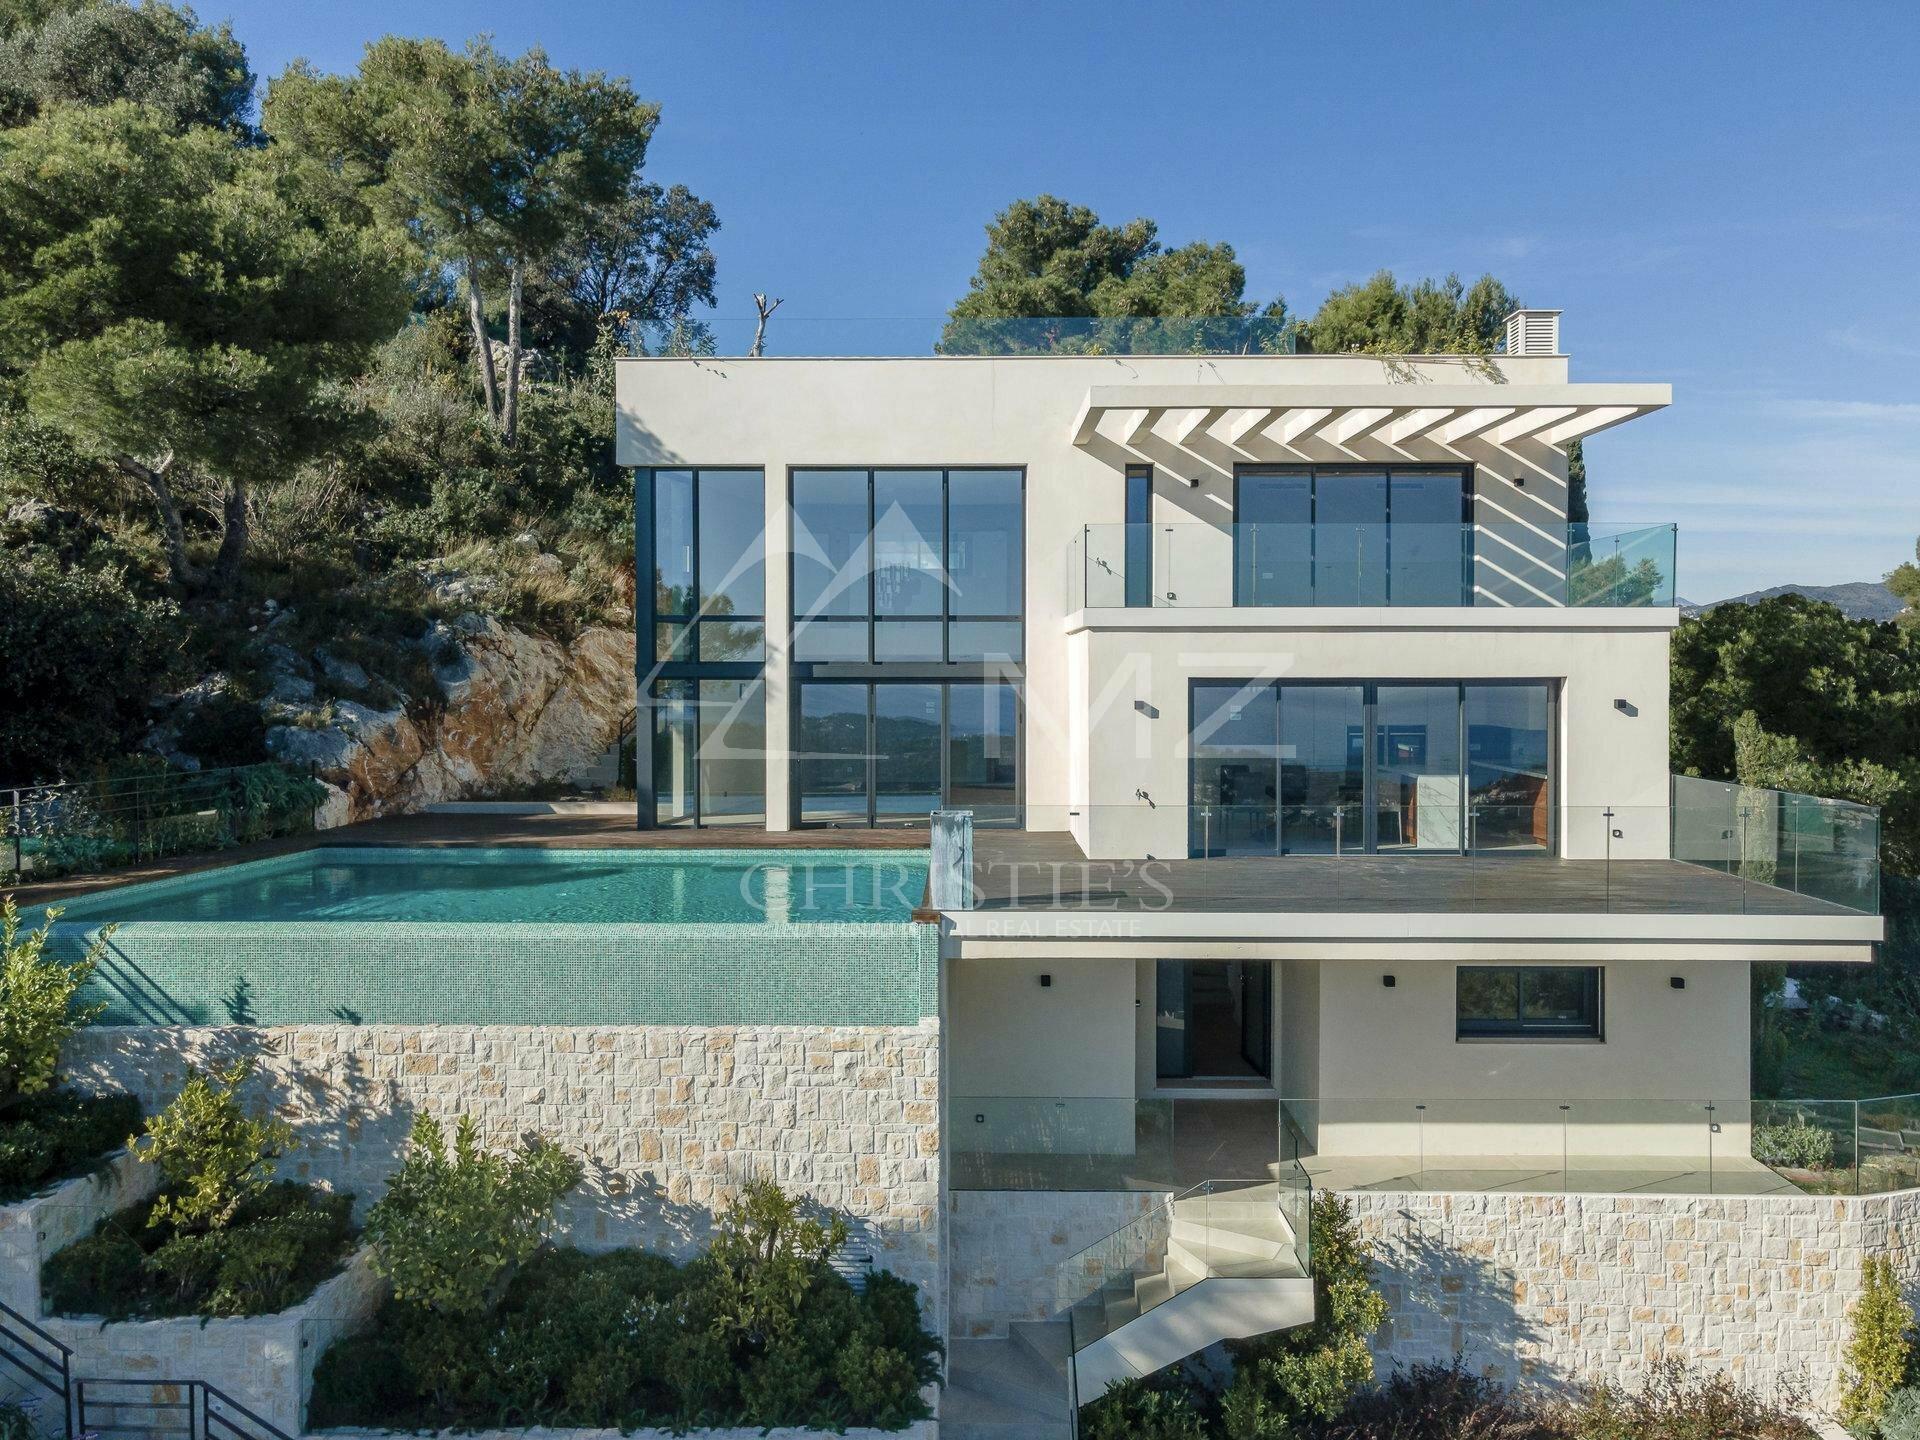 Villa in Villefranche-sur-Mer, Provence-Alpes-Côte d'Azur, France 1 - 11218448